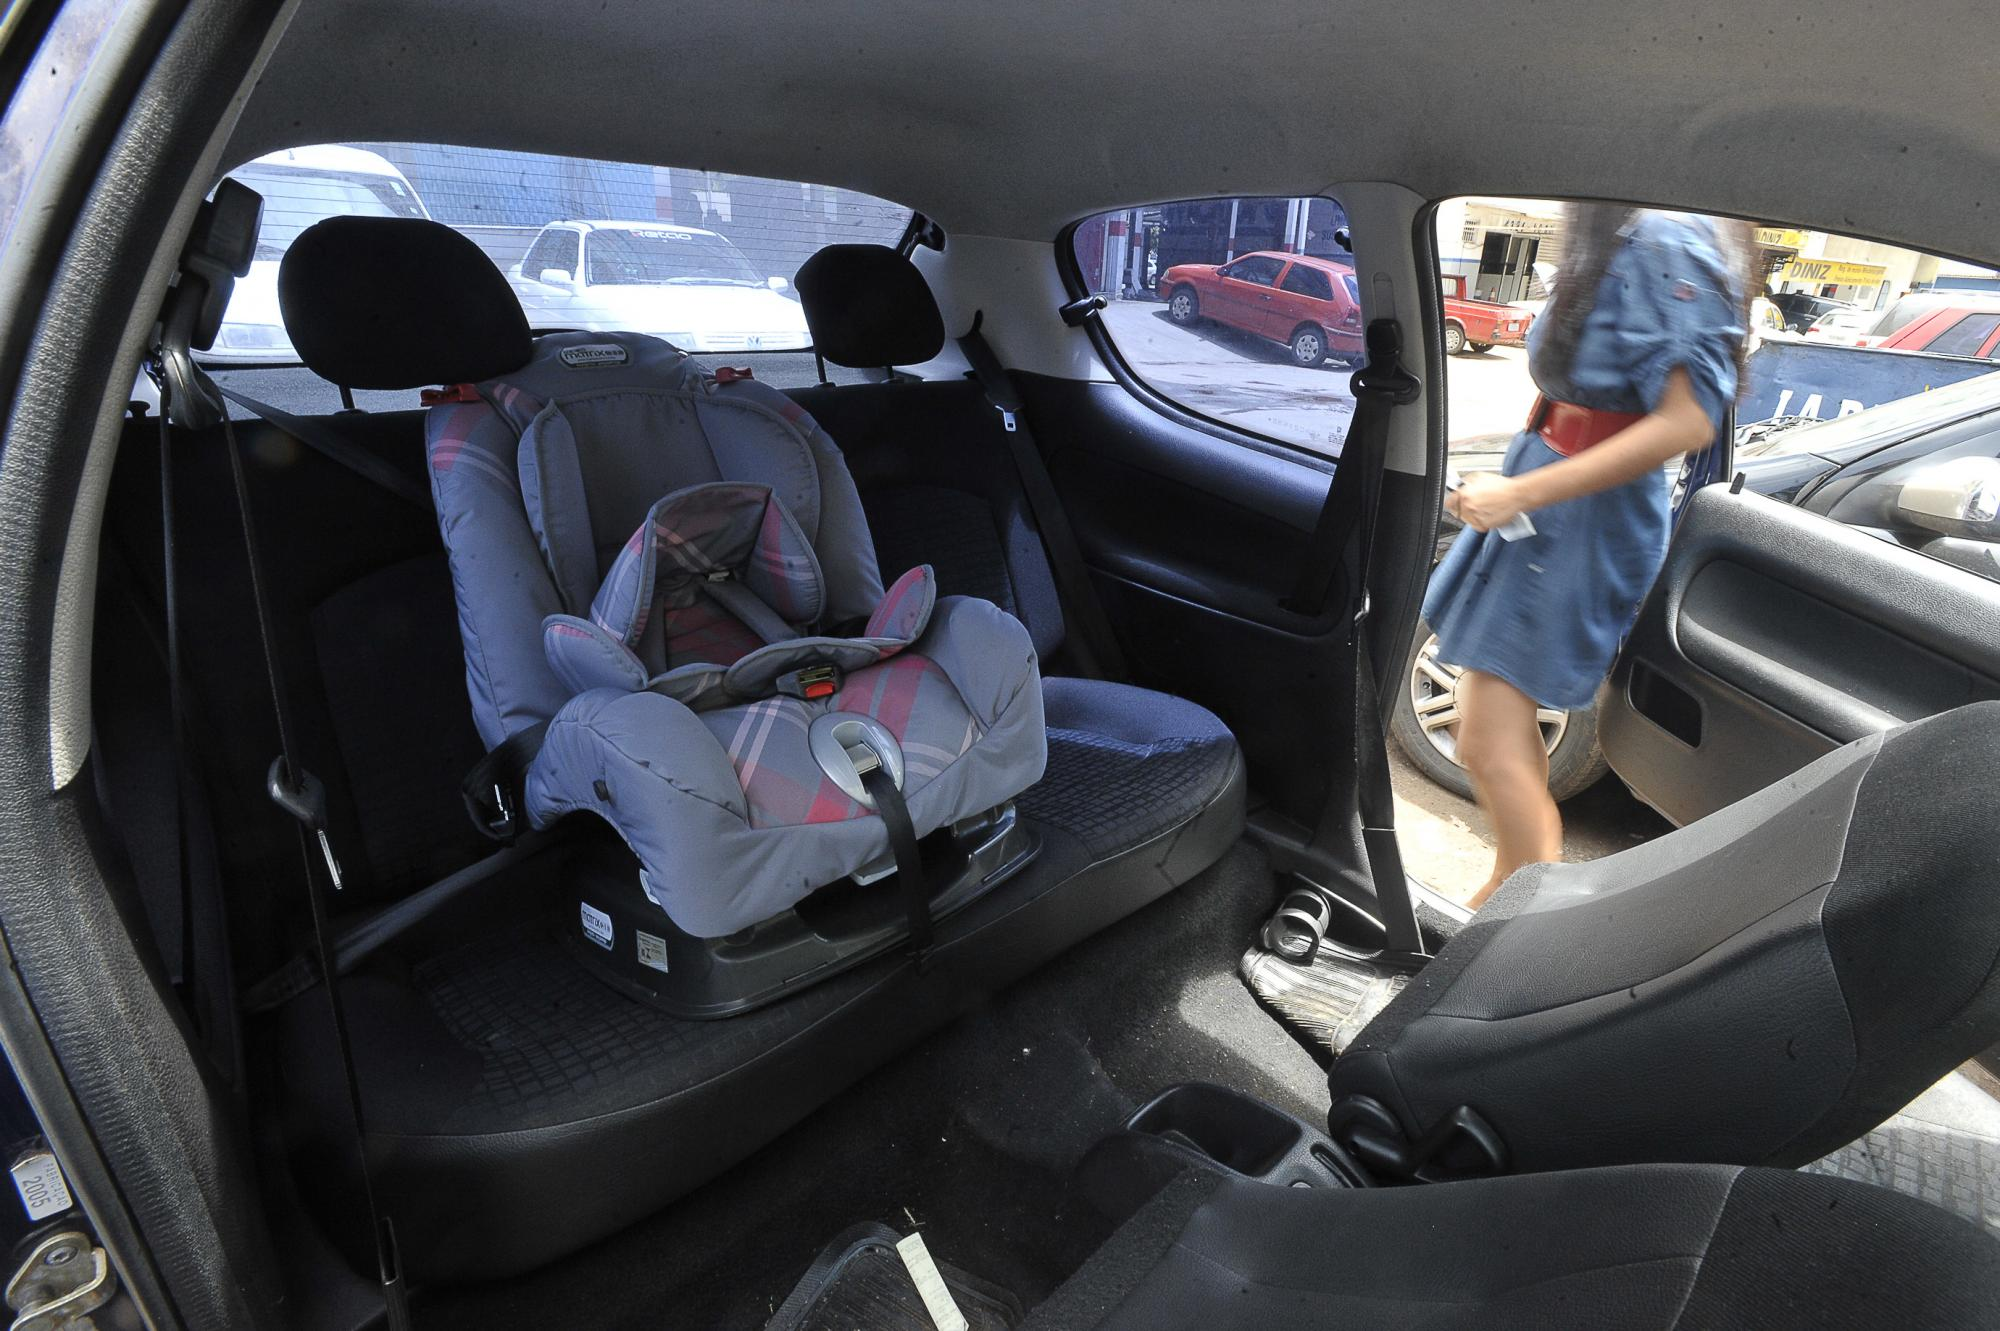 Cresce o número de motoristas flagrados transportando crianças sem a cadeirinha